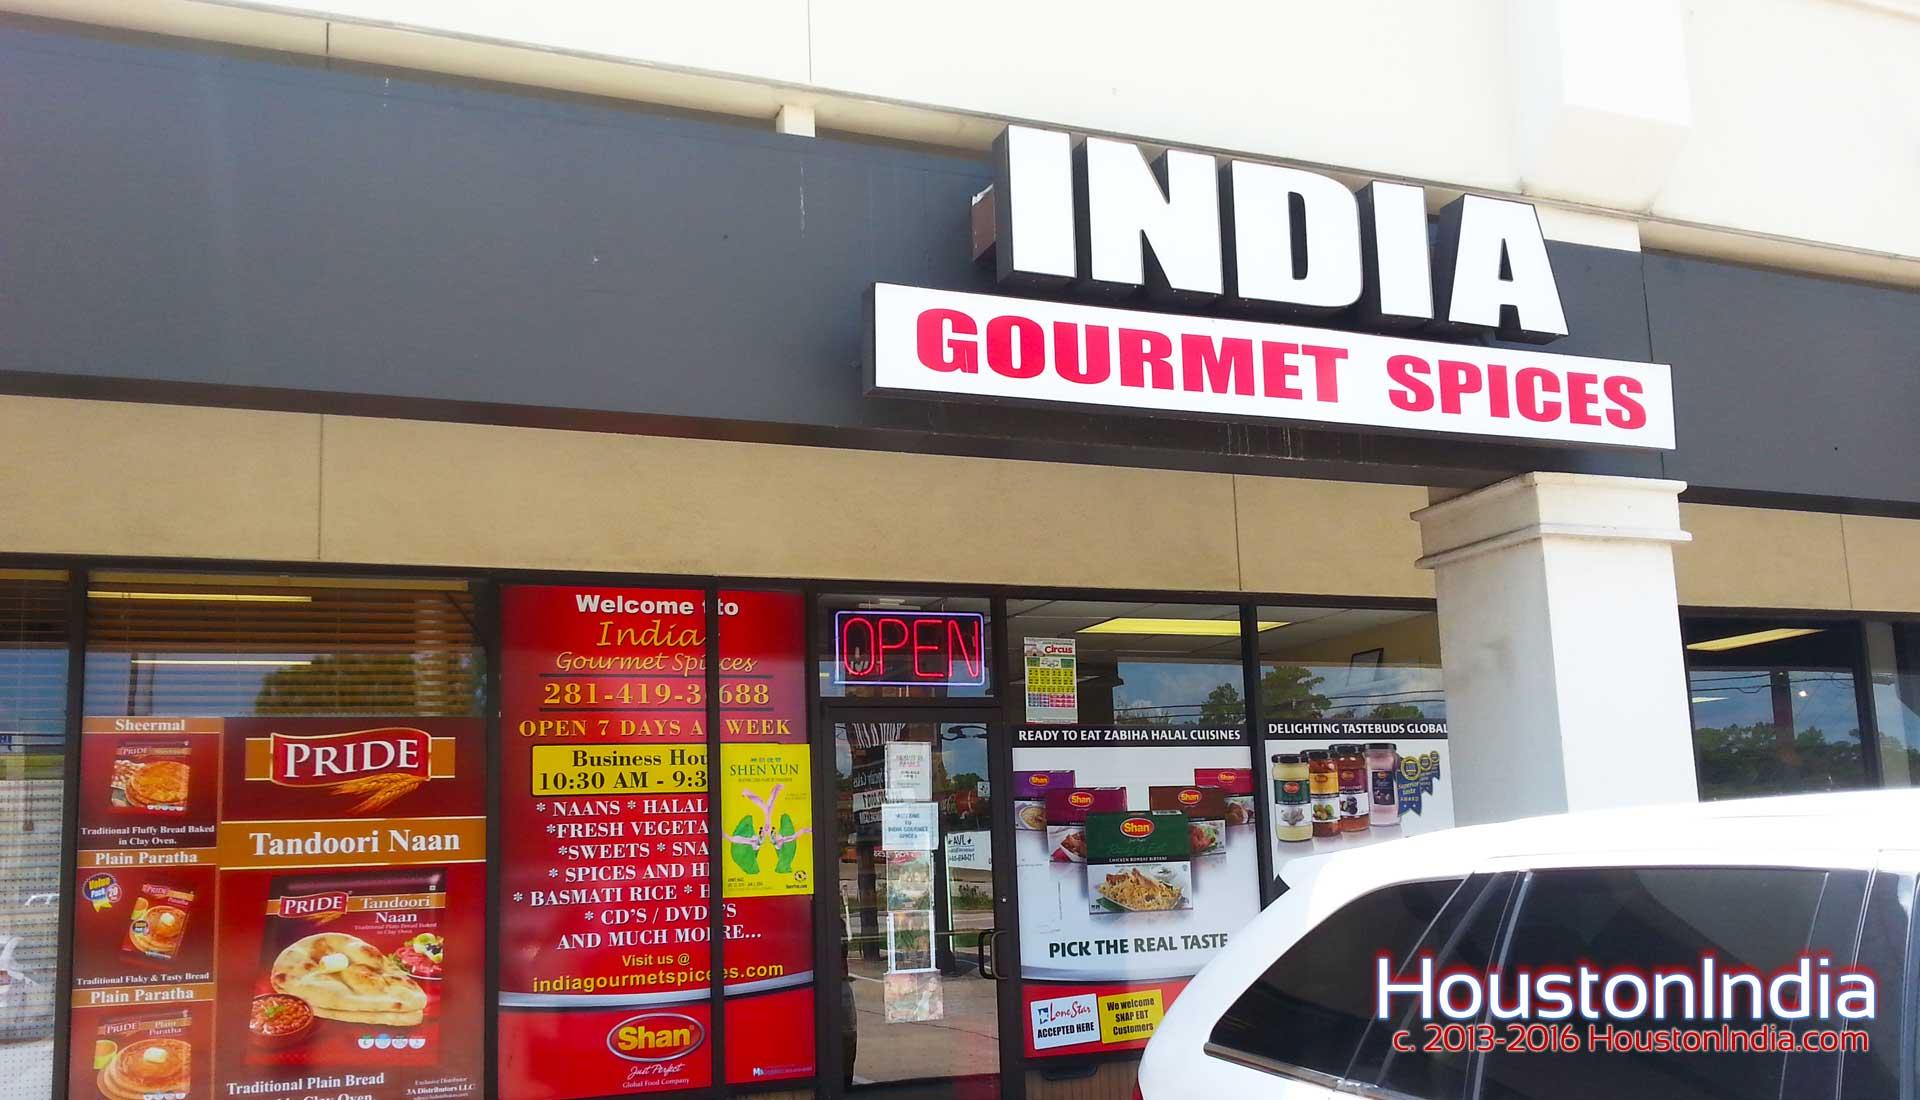 India gourmet